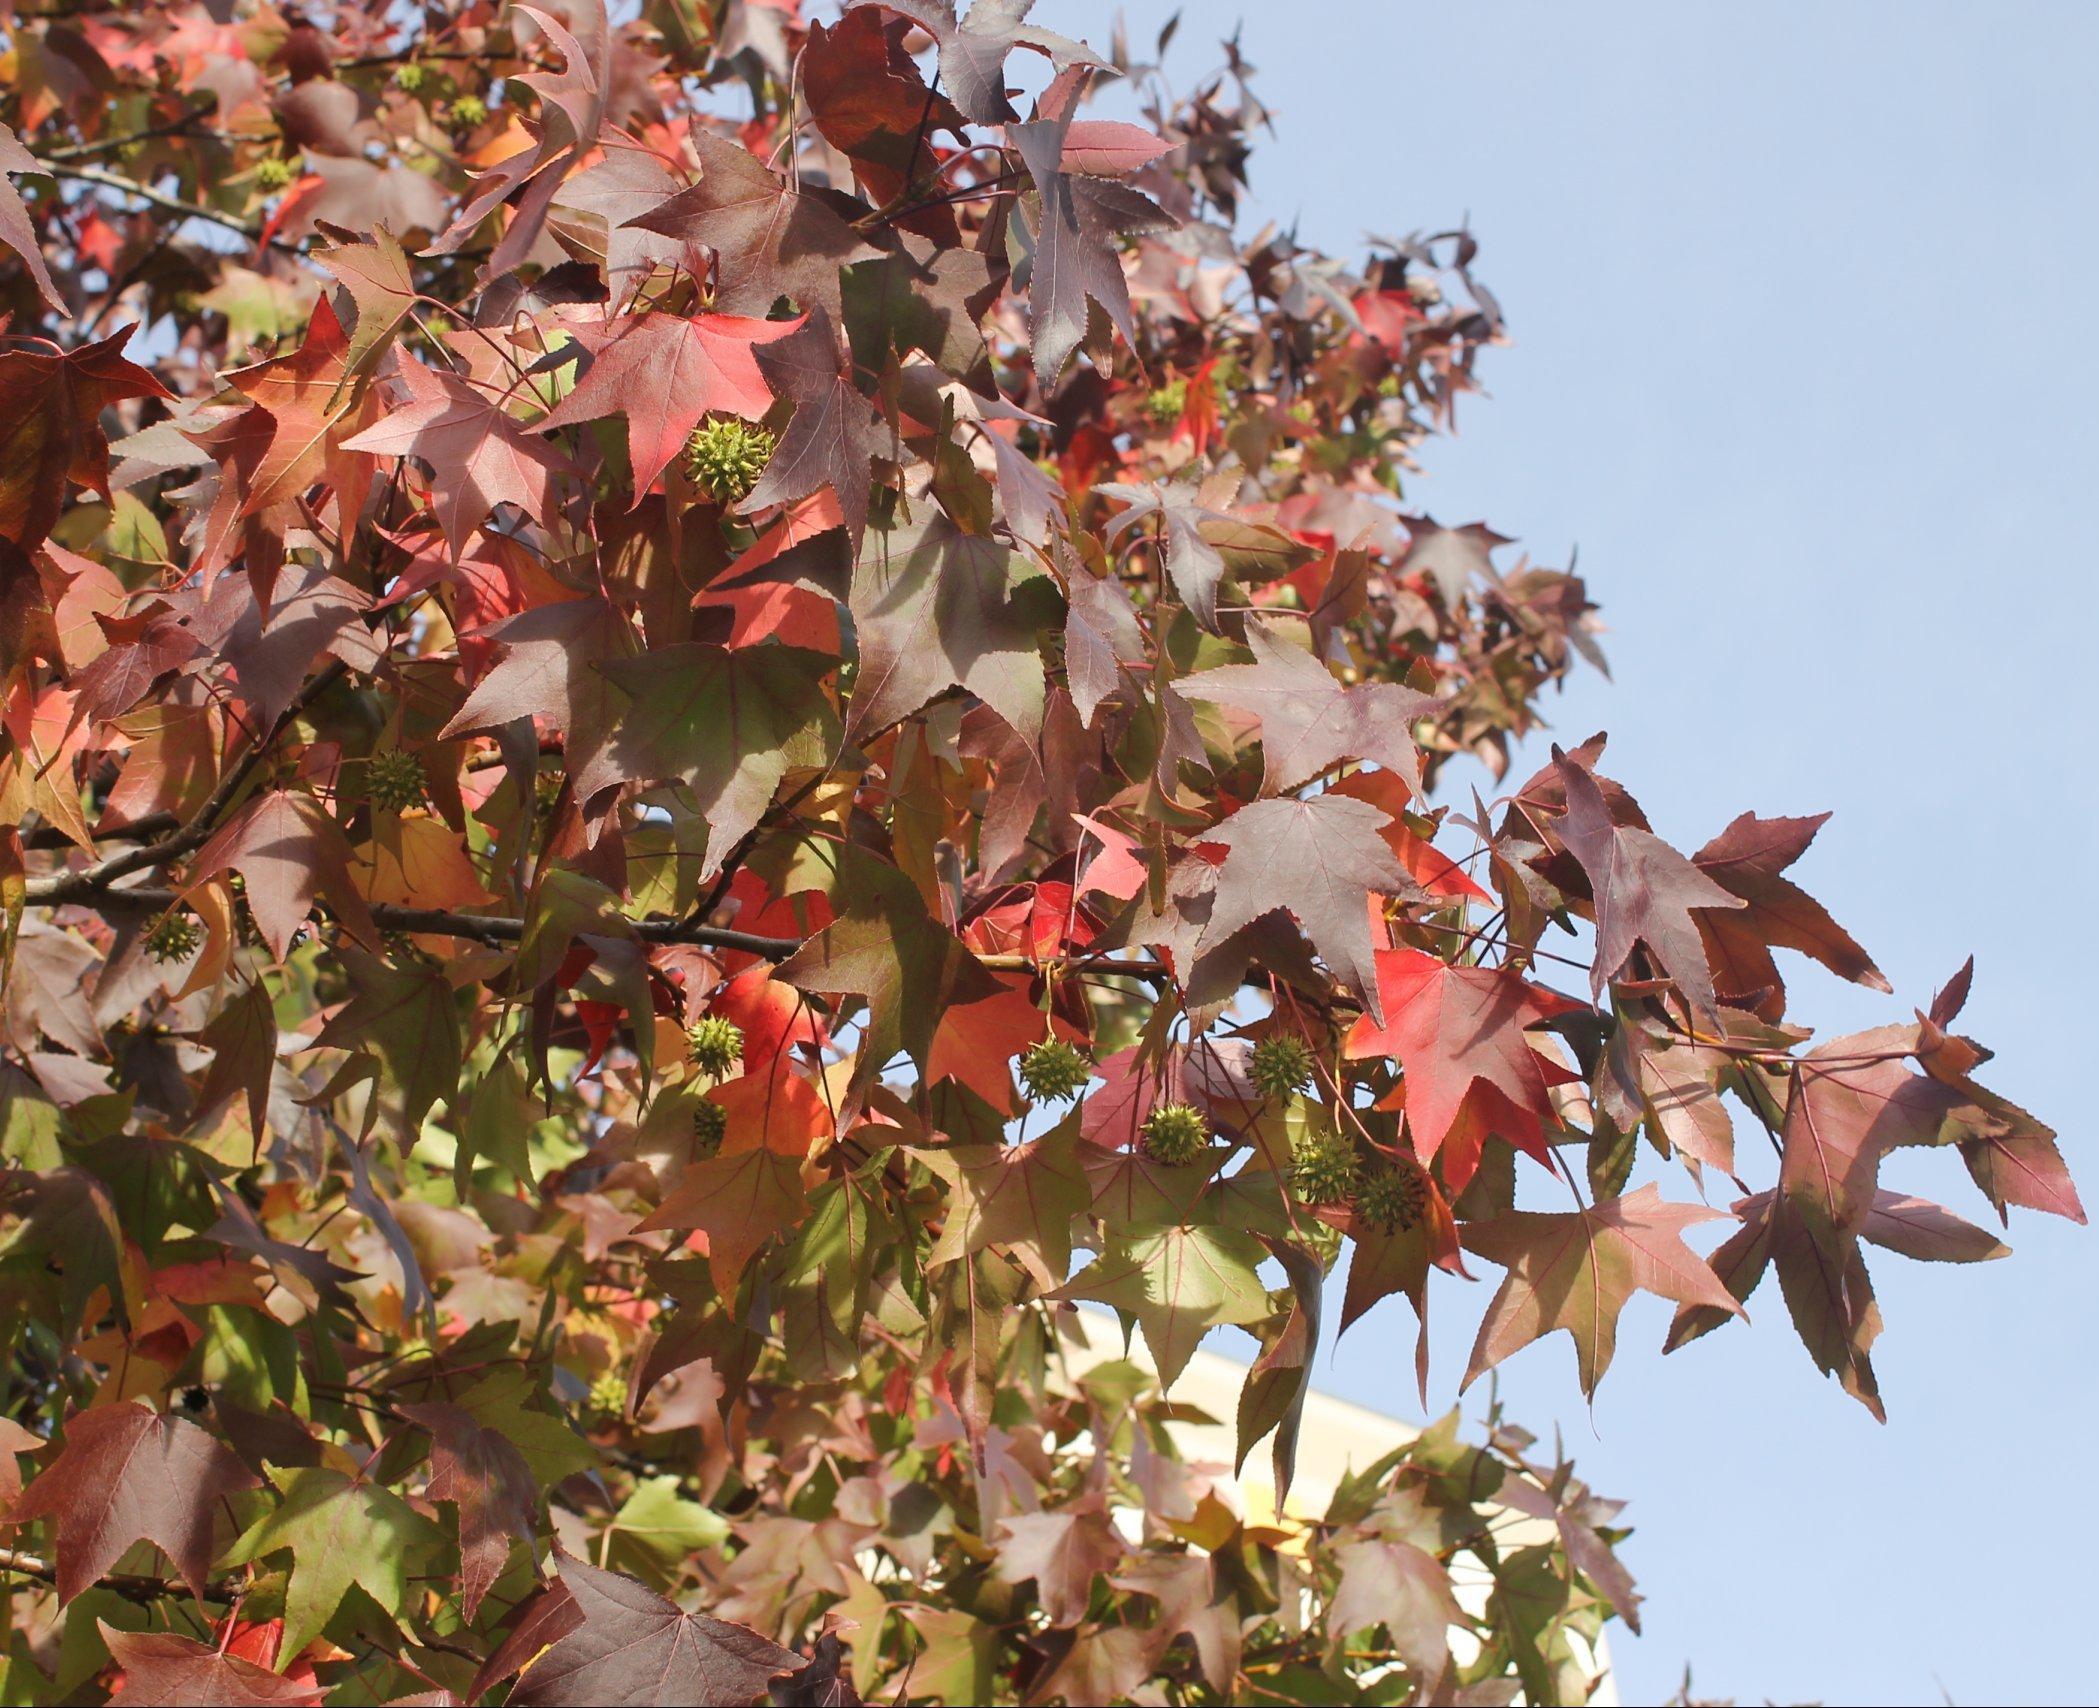 Das Bild zeigt einem Amberbaum, der wie bei der Parrotie eine dekorative Herbstfärbung seines Laubes aufweist. Zugleich sind an diesem Exemplar am Lindencenter stachelige Früchte zu sehen.